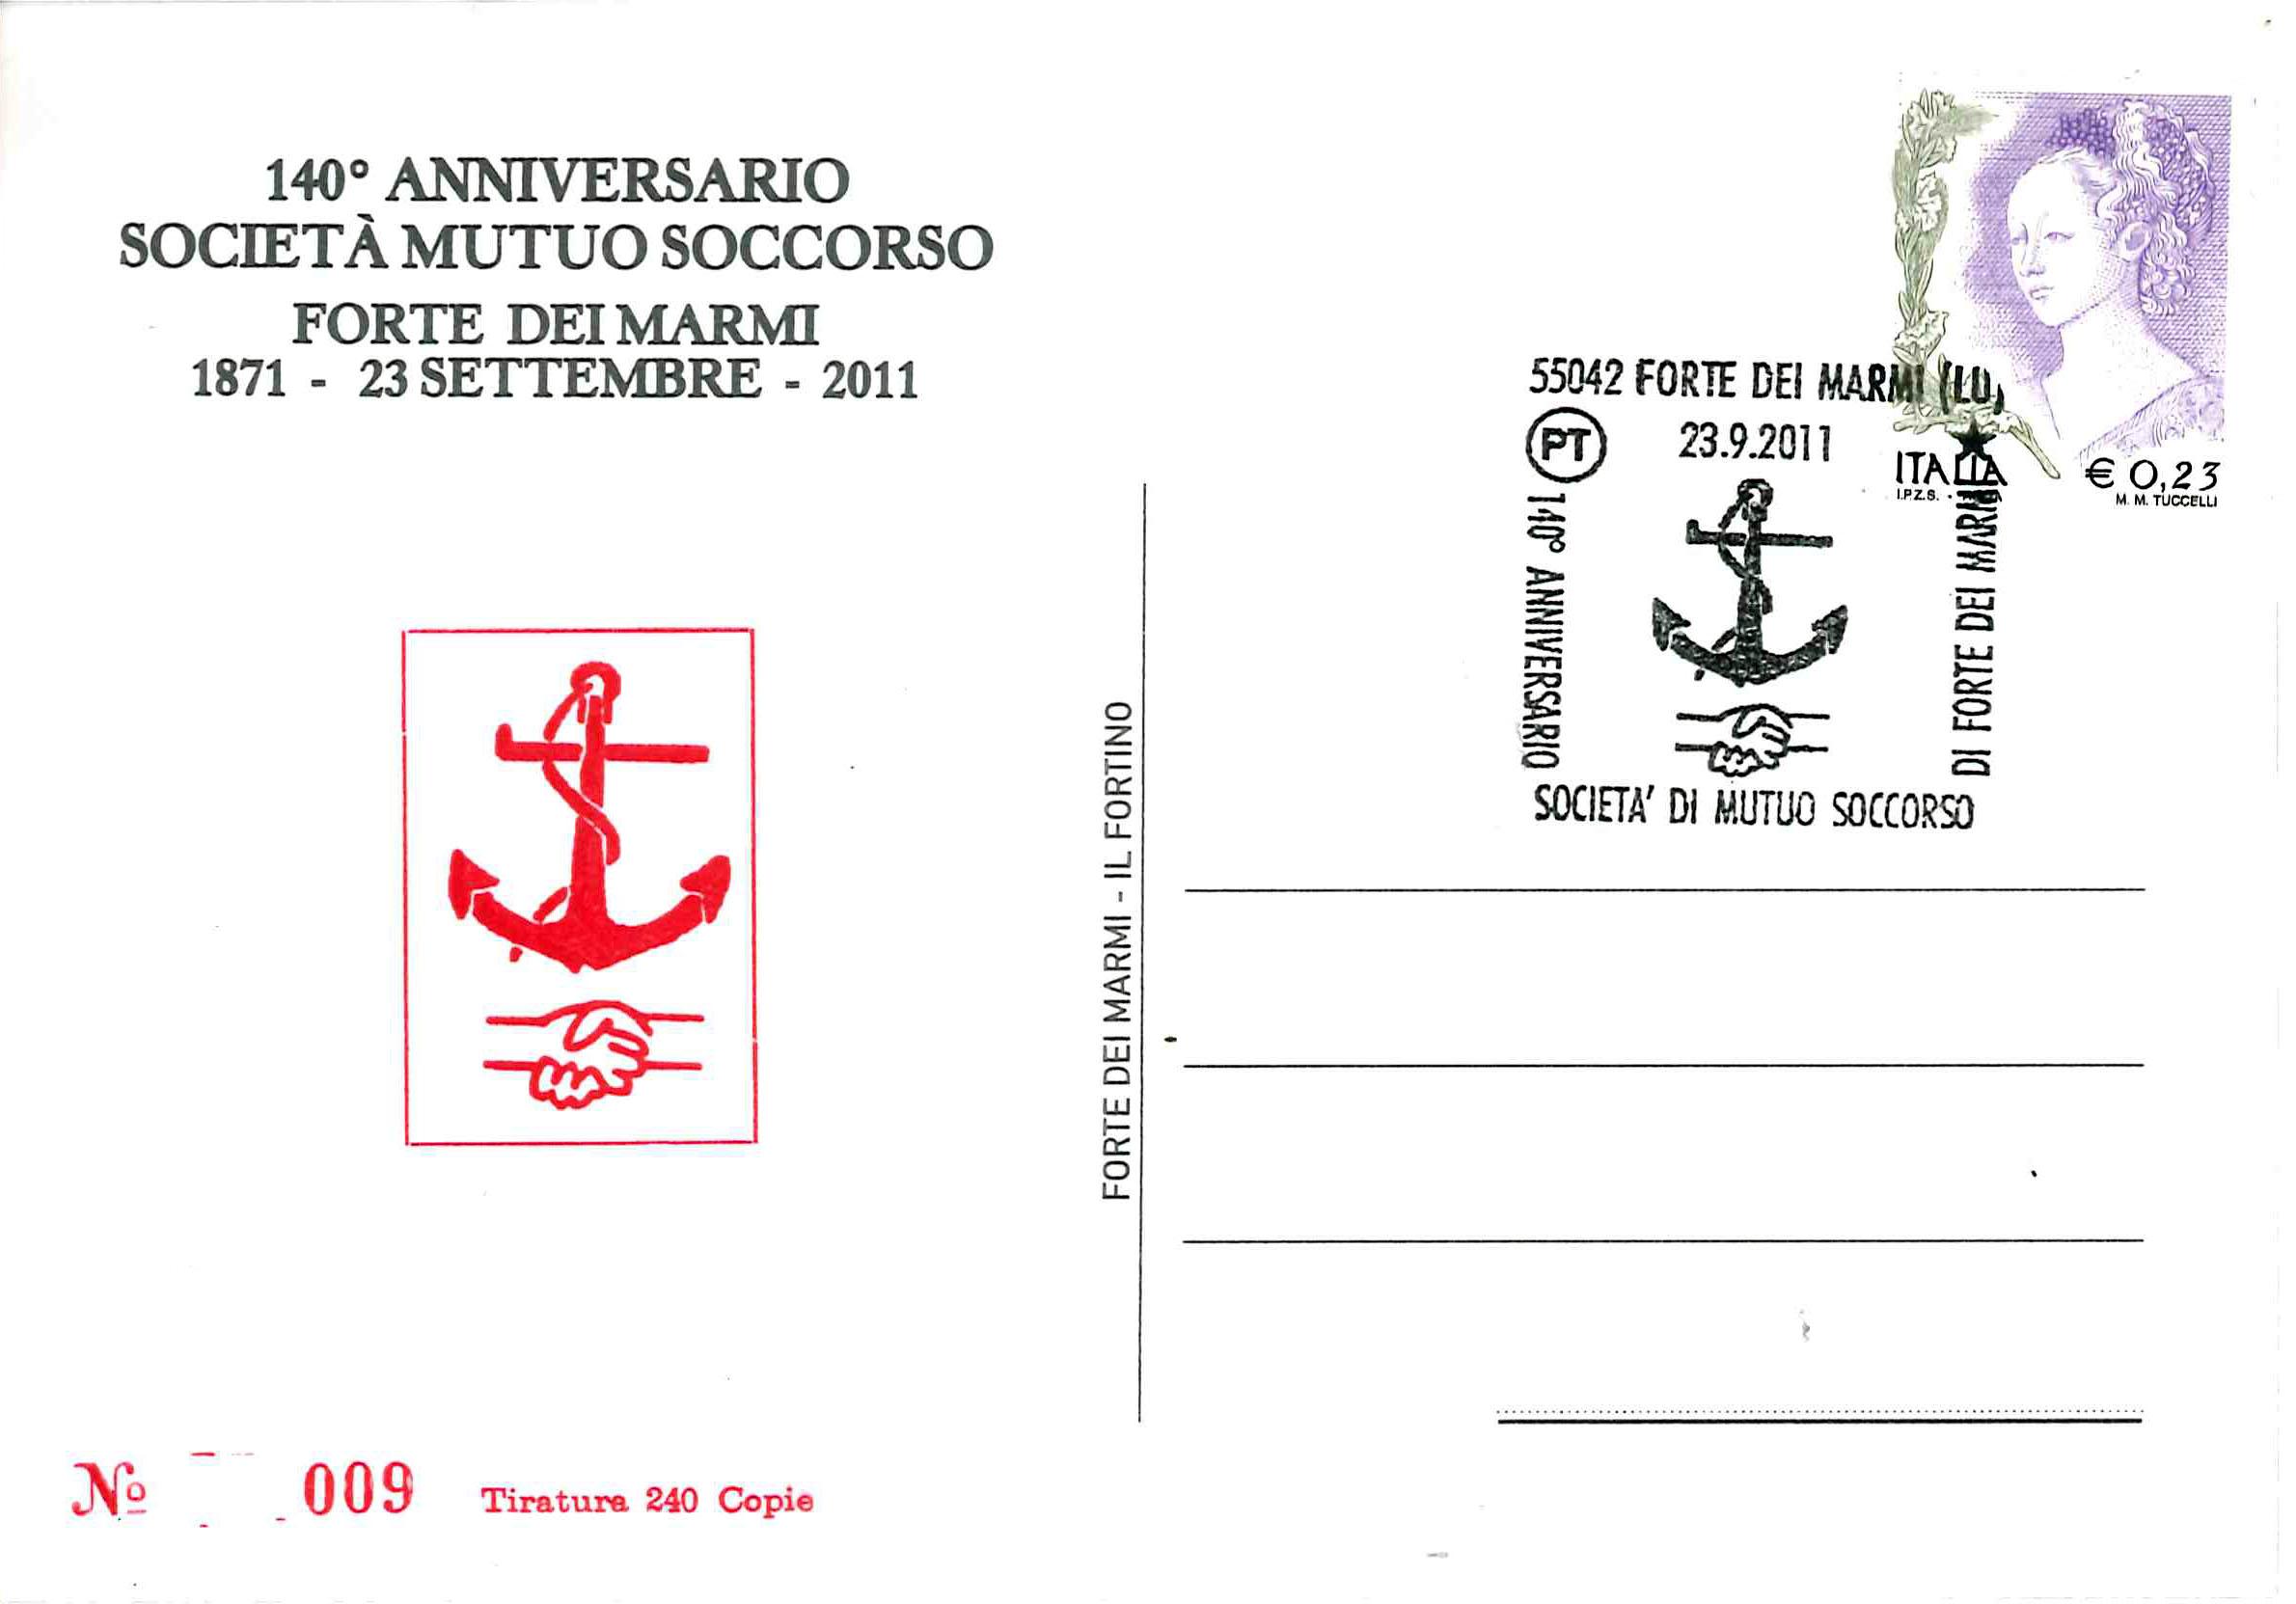 140-ann-soc-mutuo-soccorso-il-fortino-retro